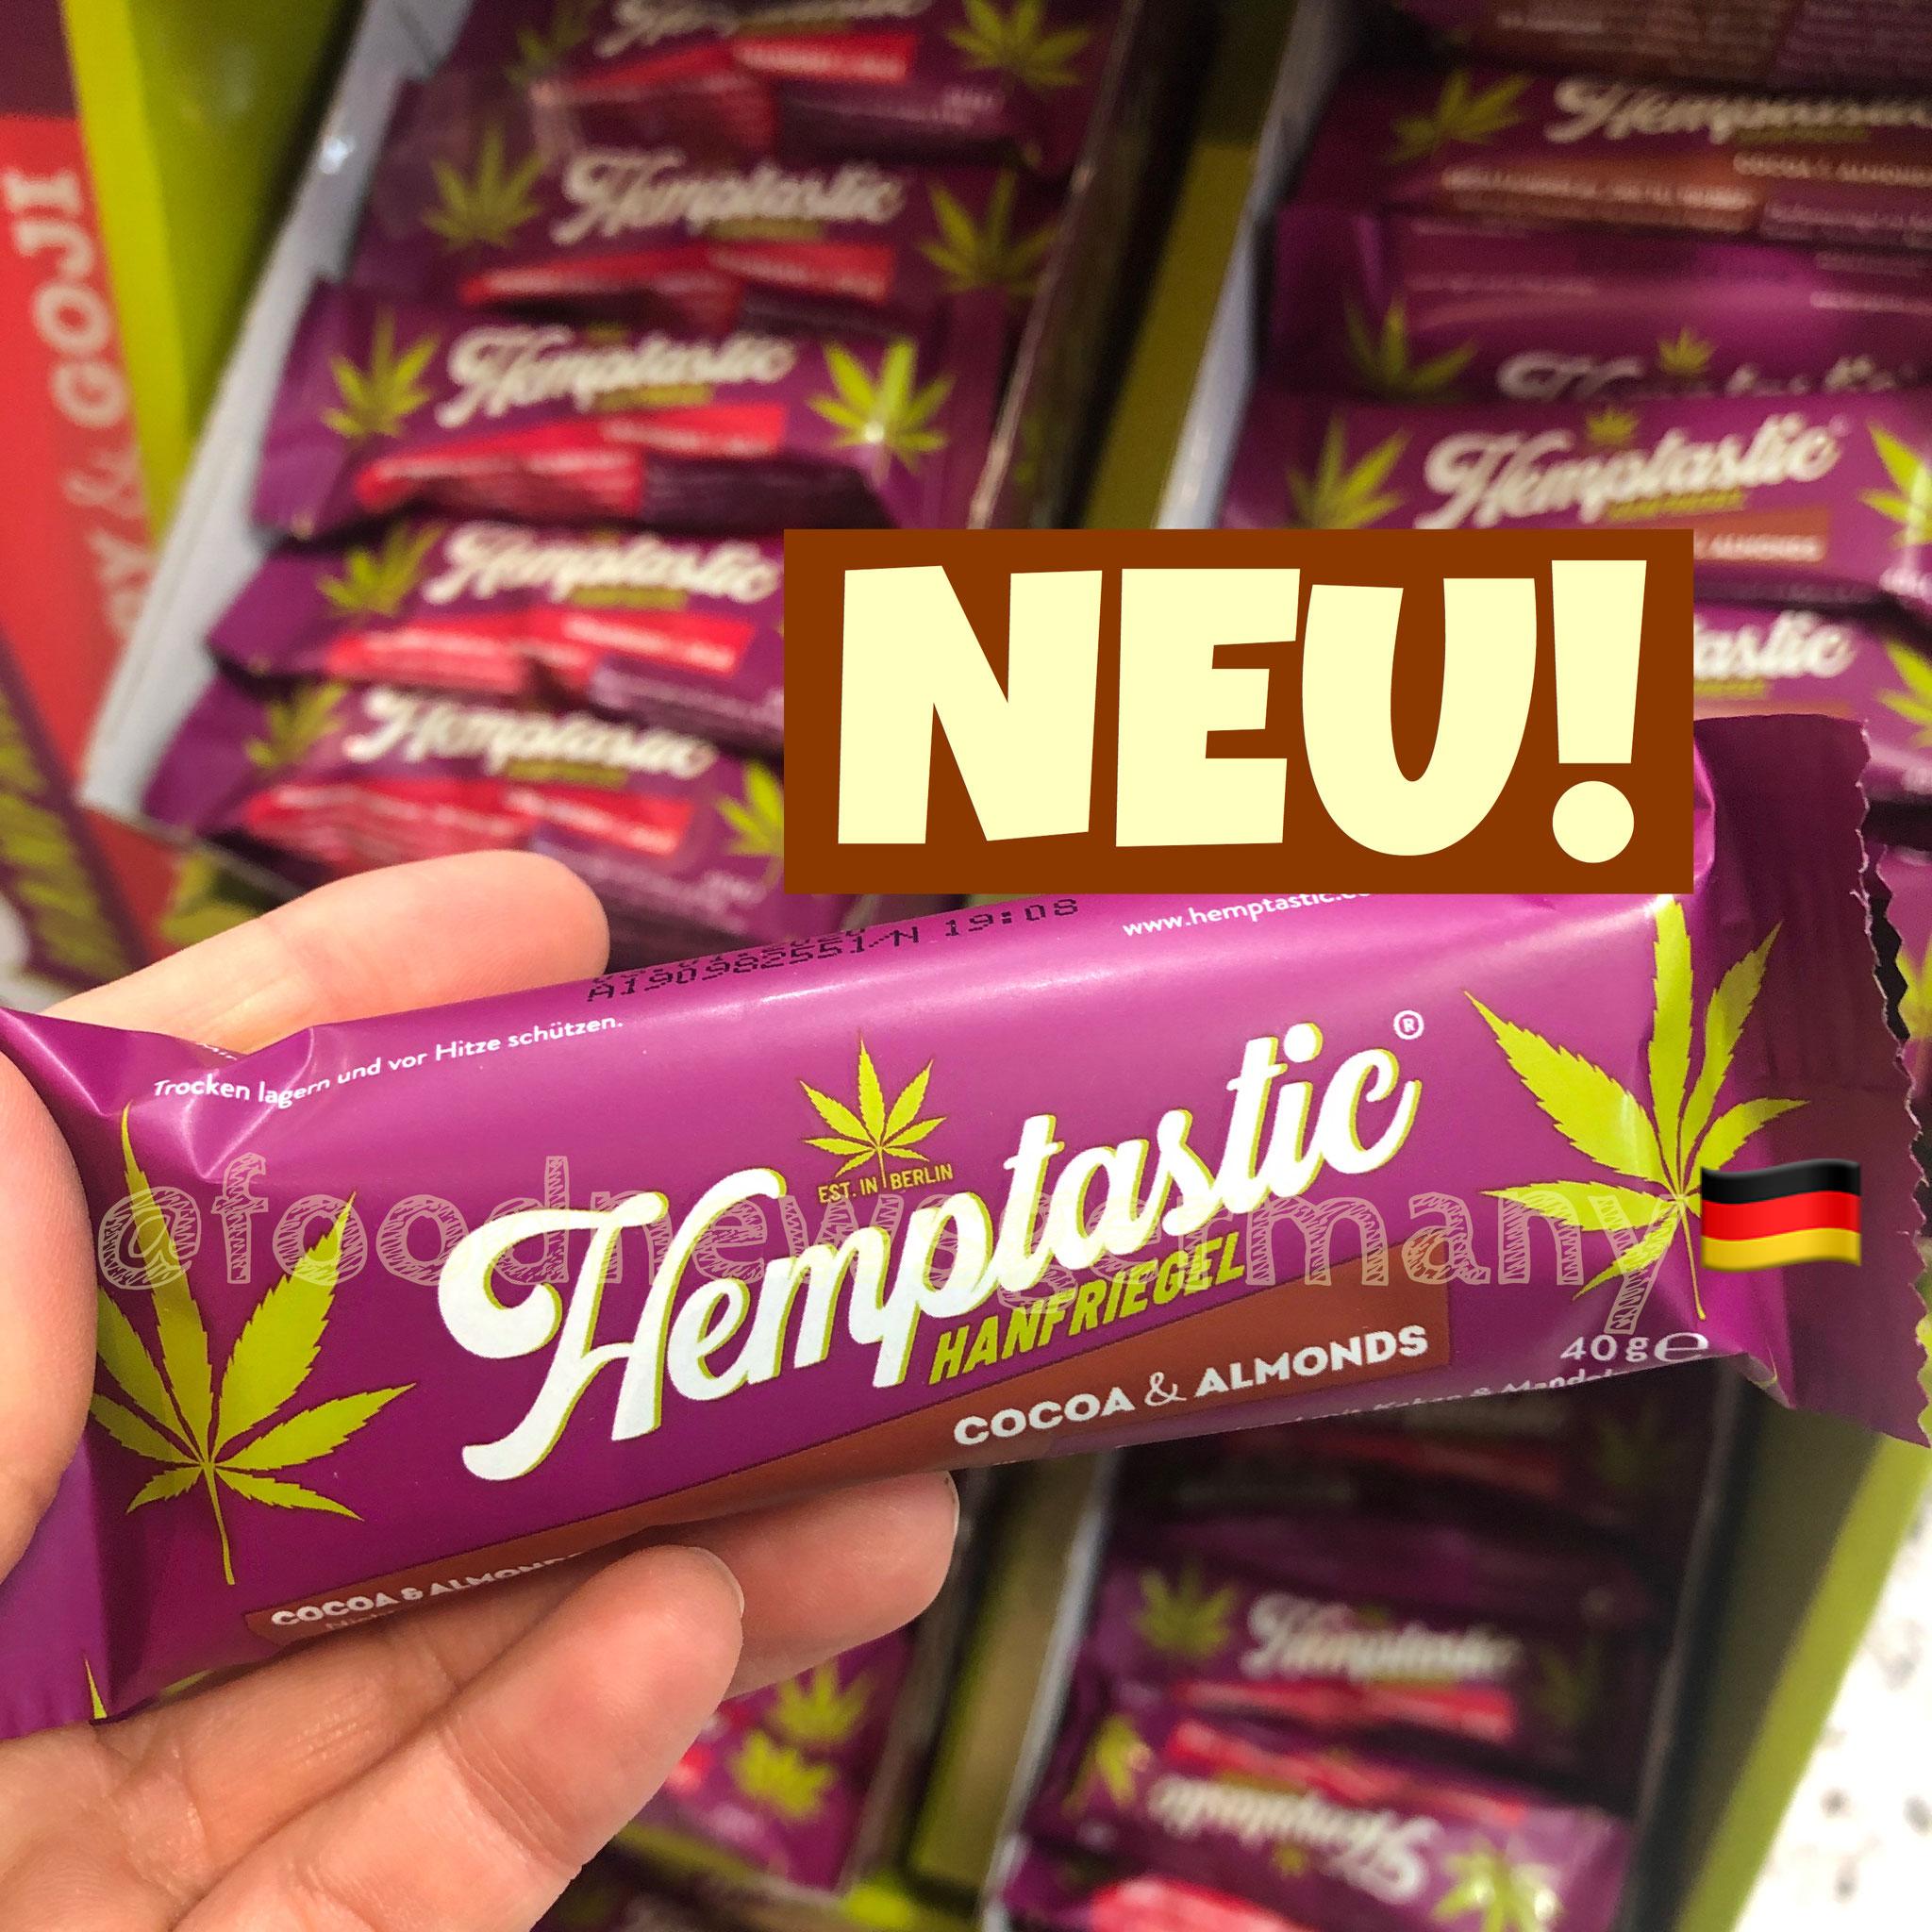 Hemptastic Hanfriegel Cocoa & Almonds